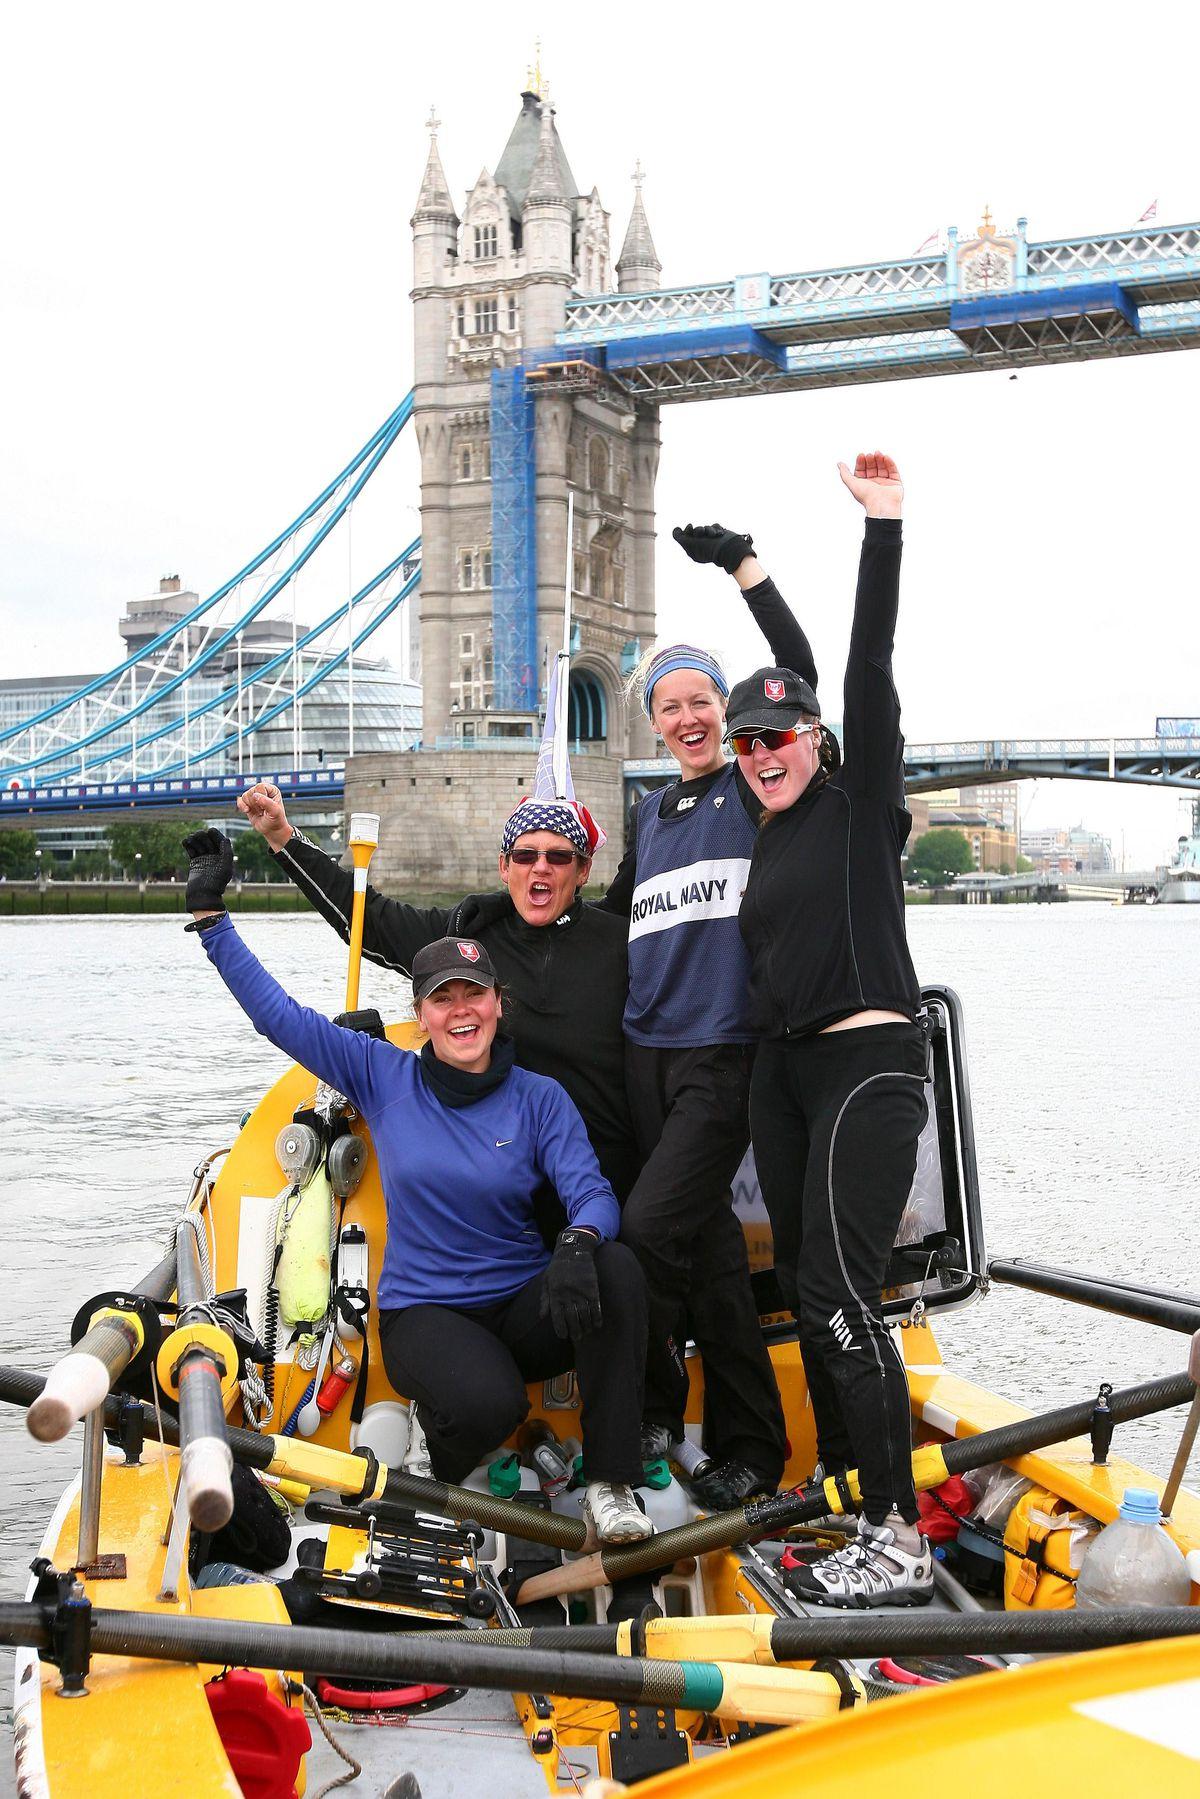 Virgin GB Row 2010 challenge